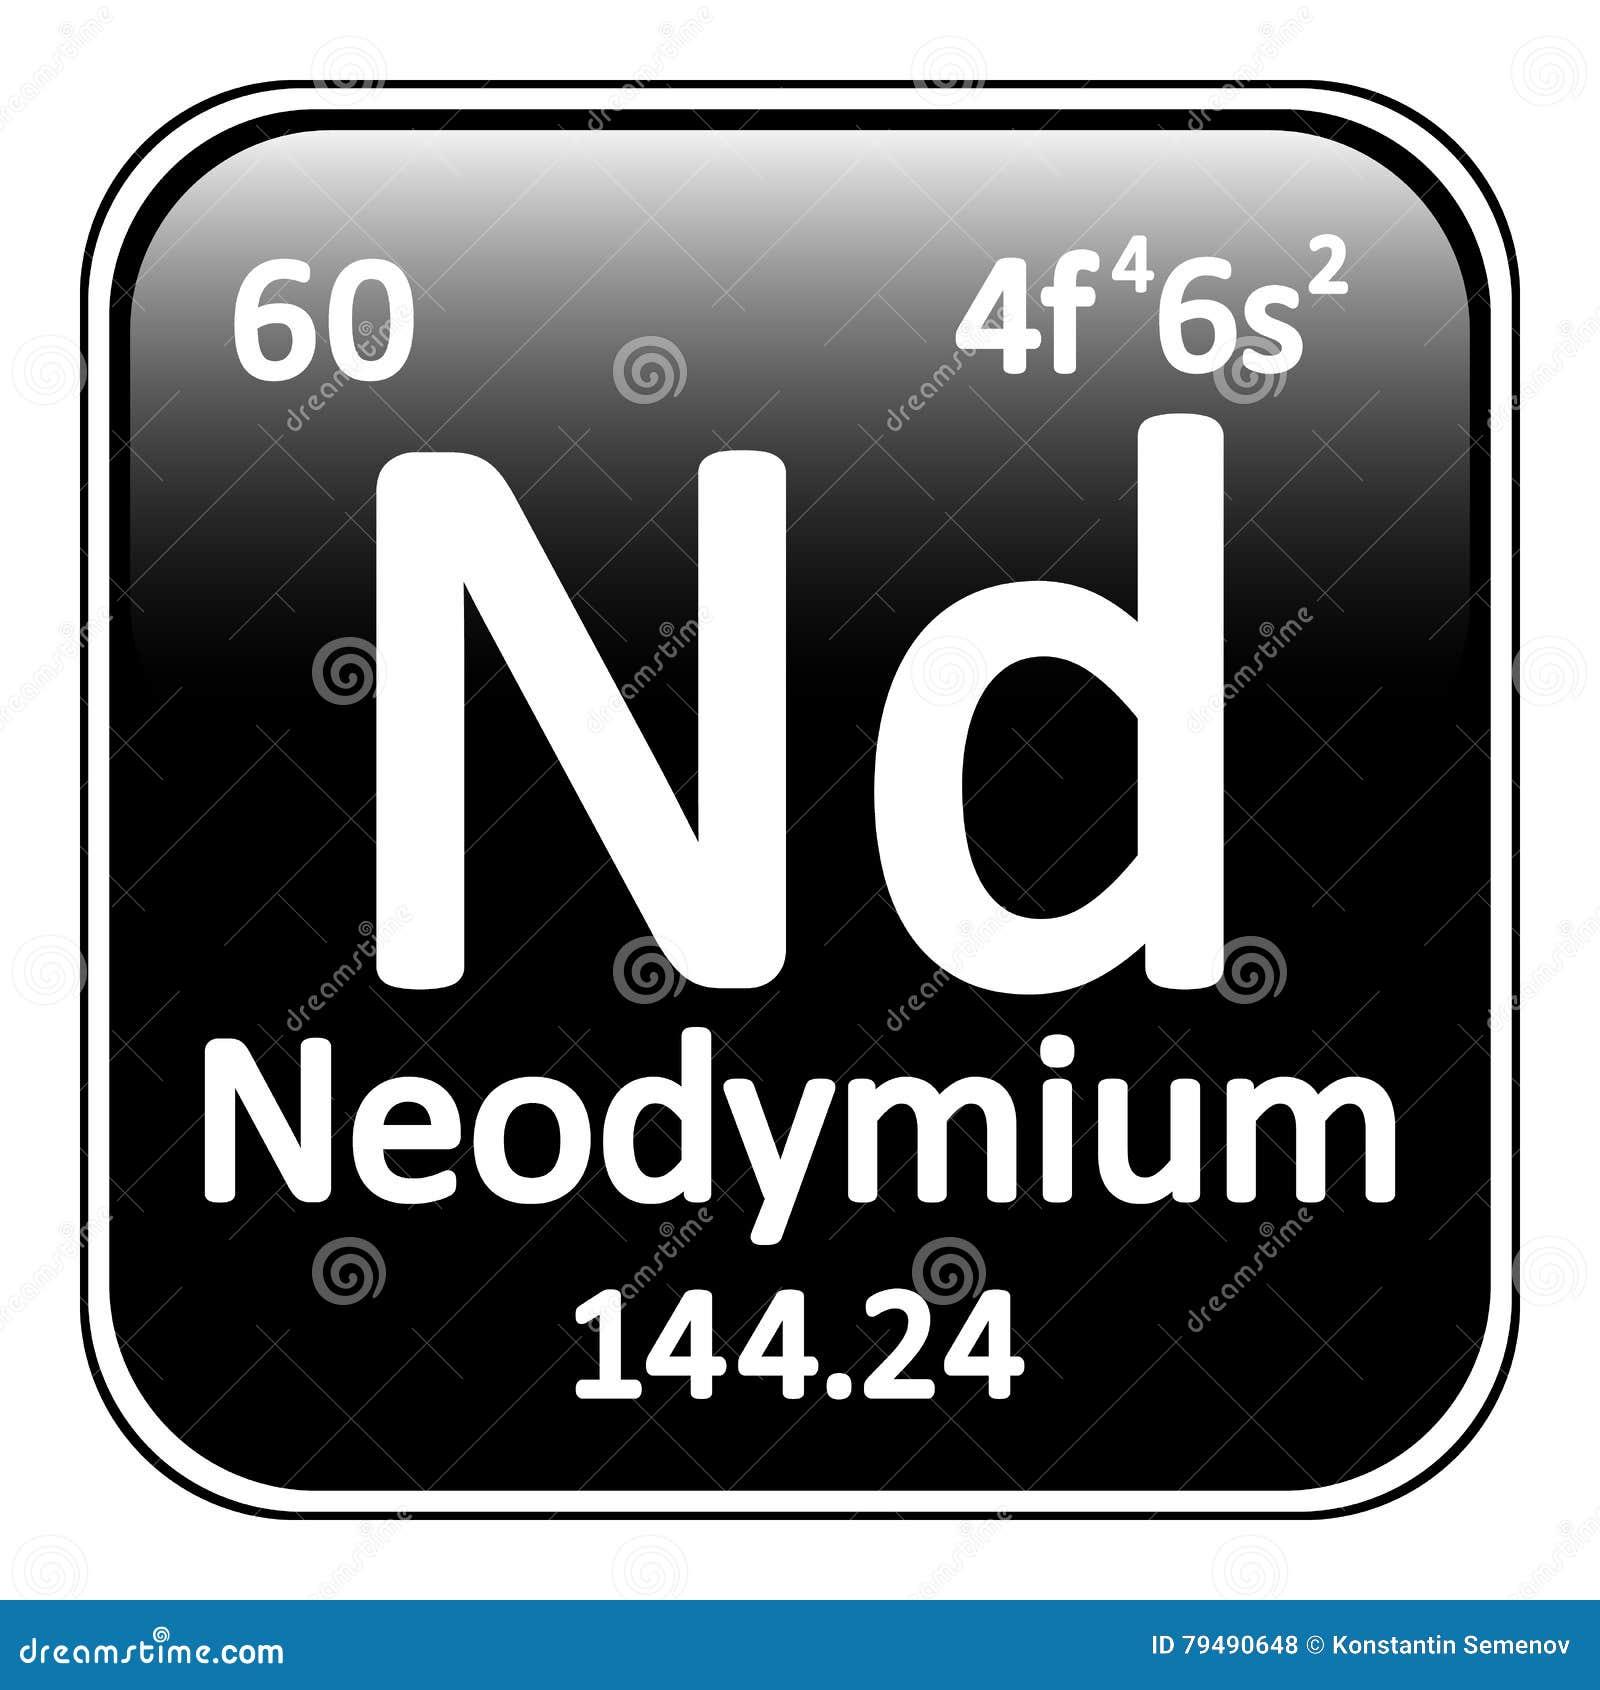 Periodic table element neodymium icon stock illustration image royalty free illustration download periodic table element neodymium gamestrikefo Choice Image